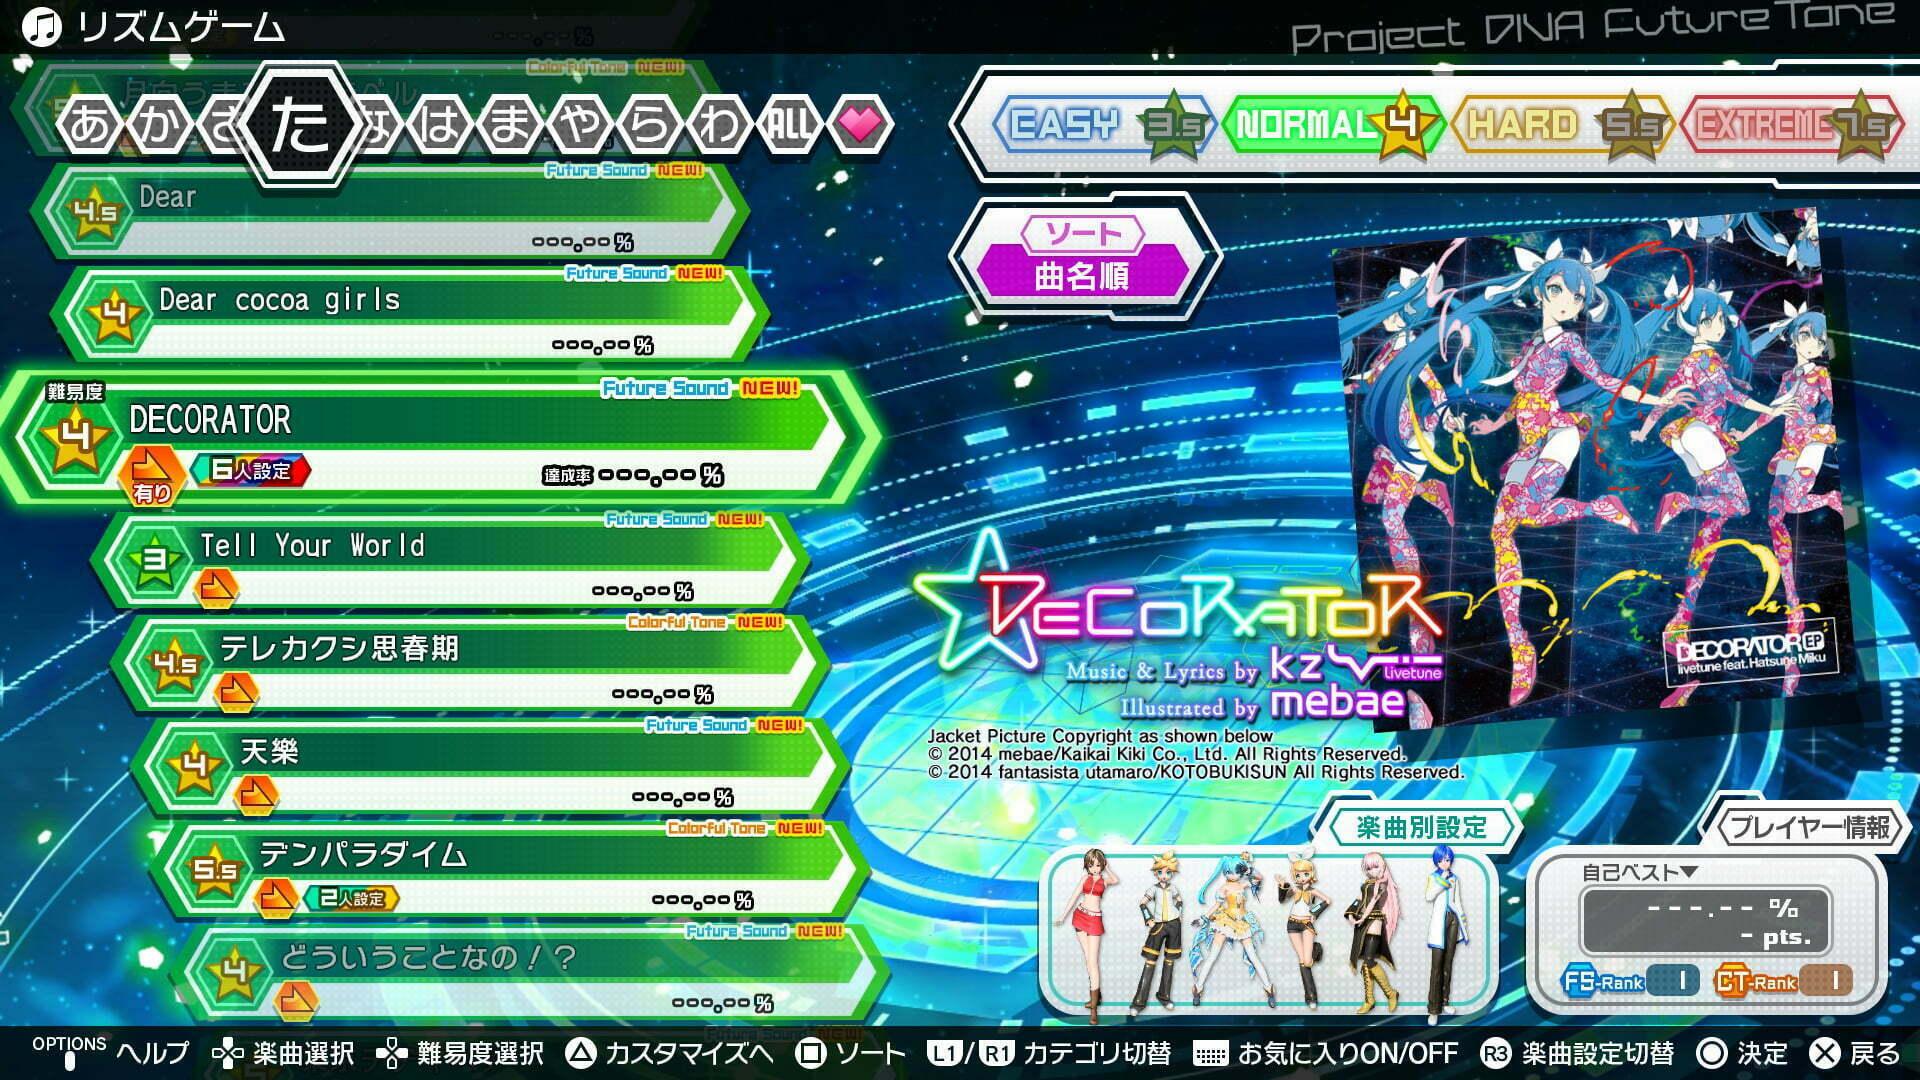 PS4 初音ミク Project DIVA Future Tone